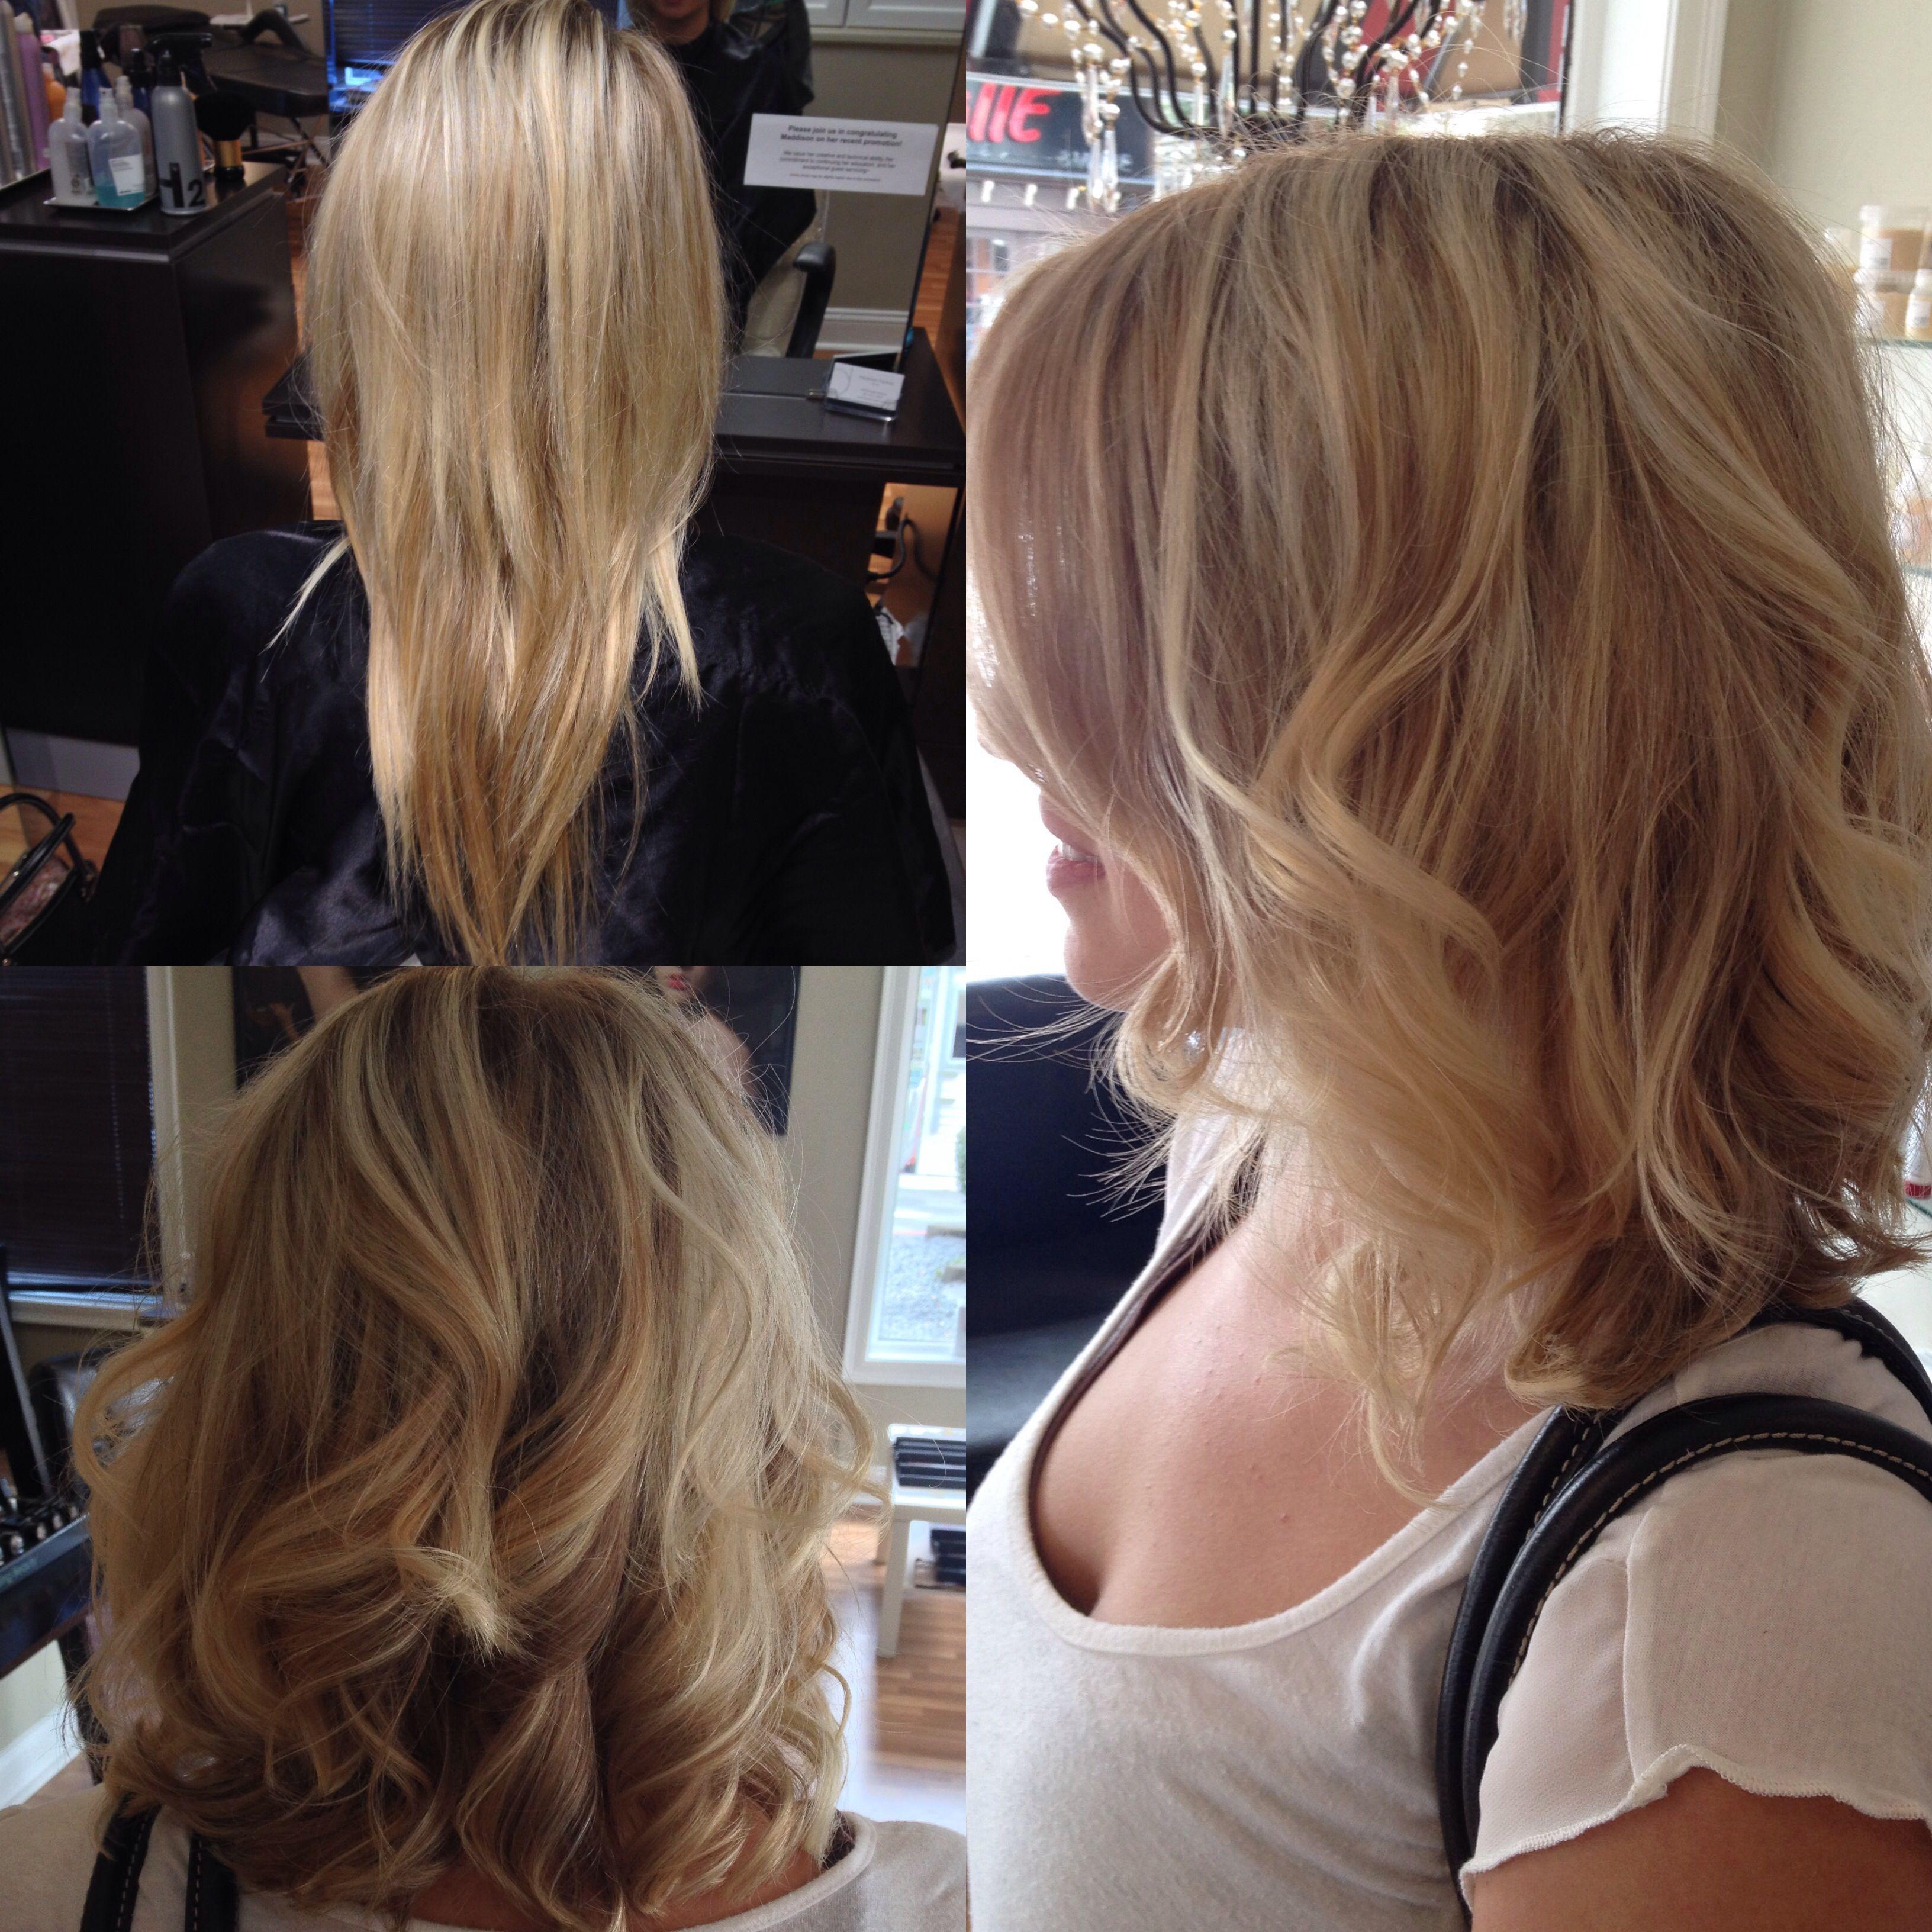 Super cute short blonde hair